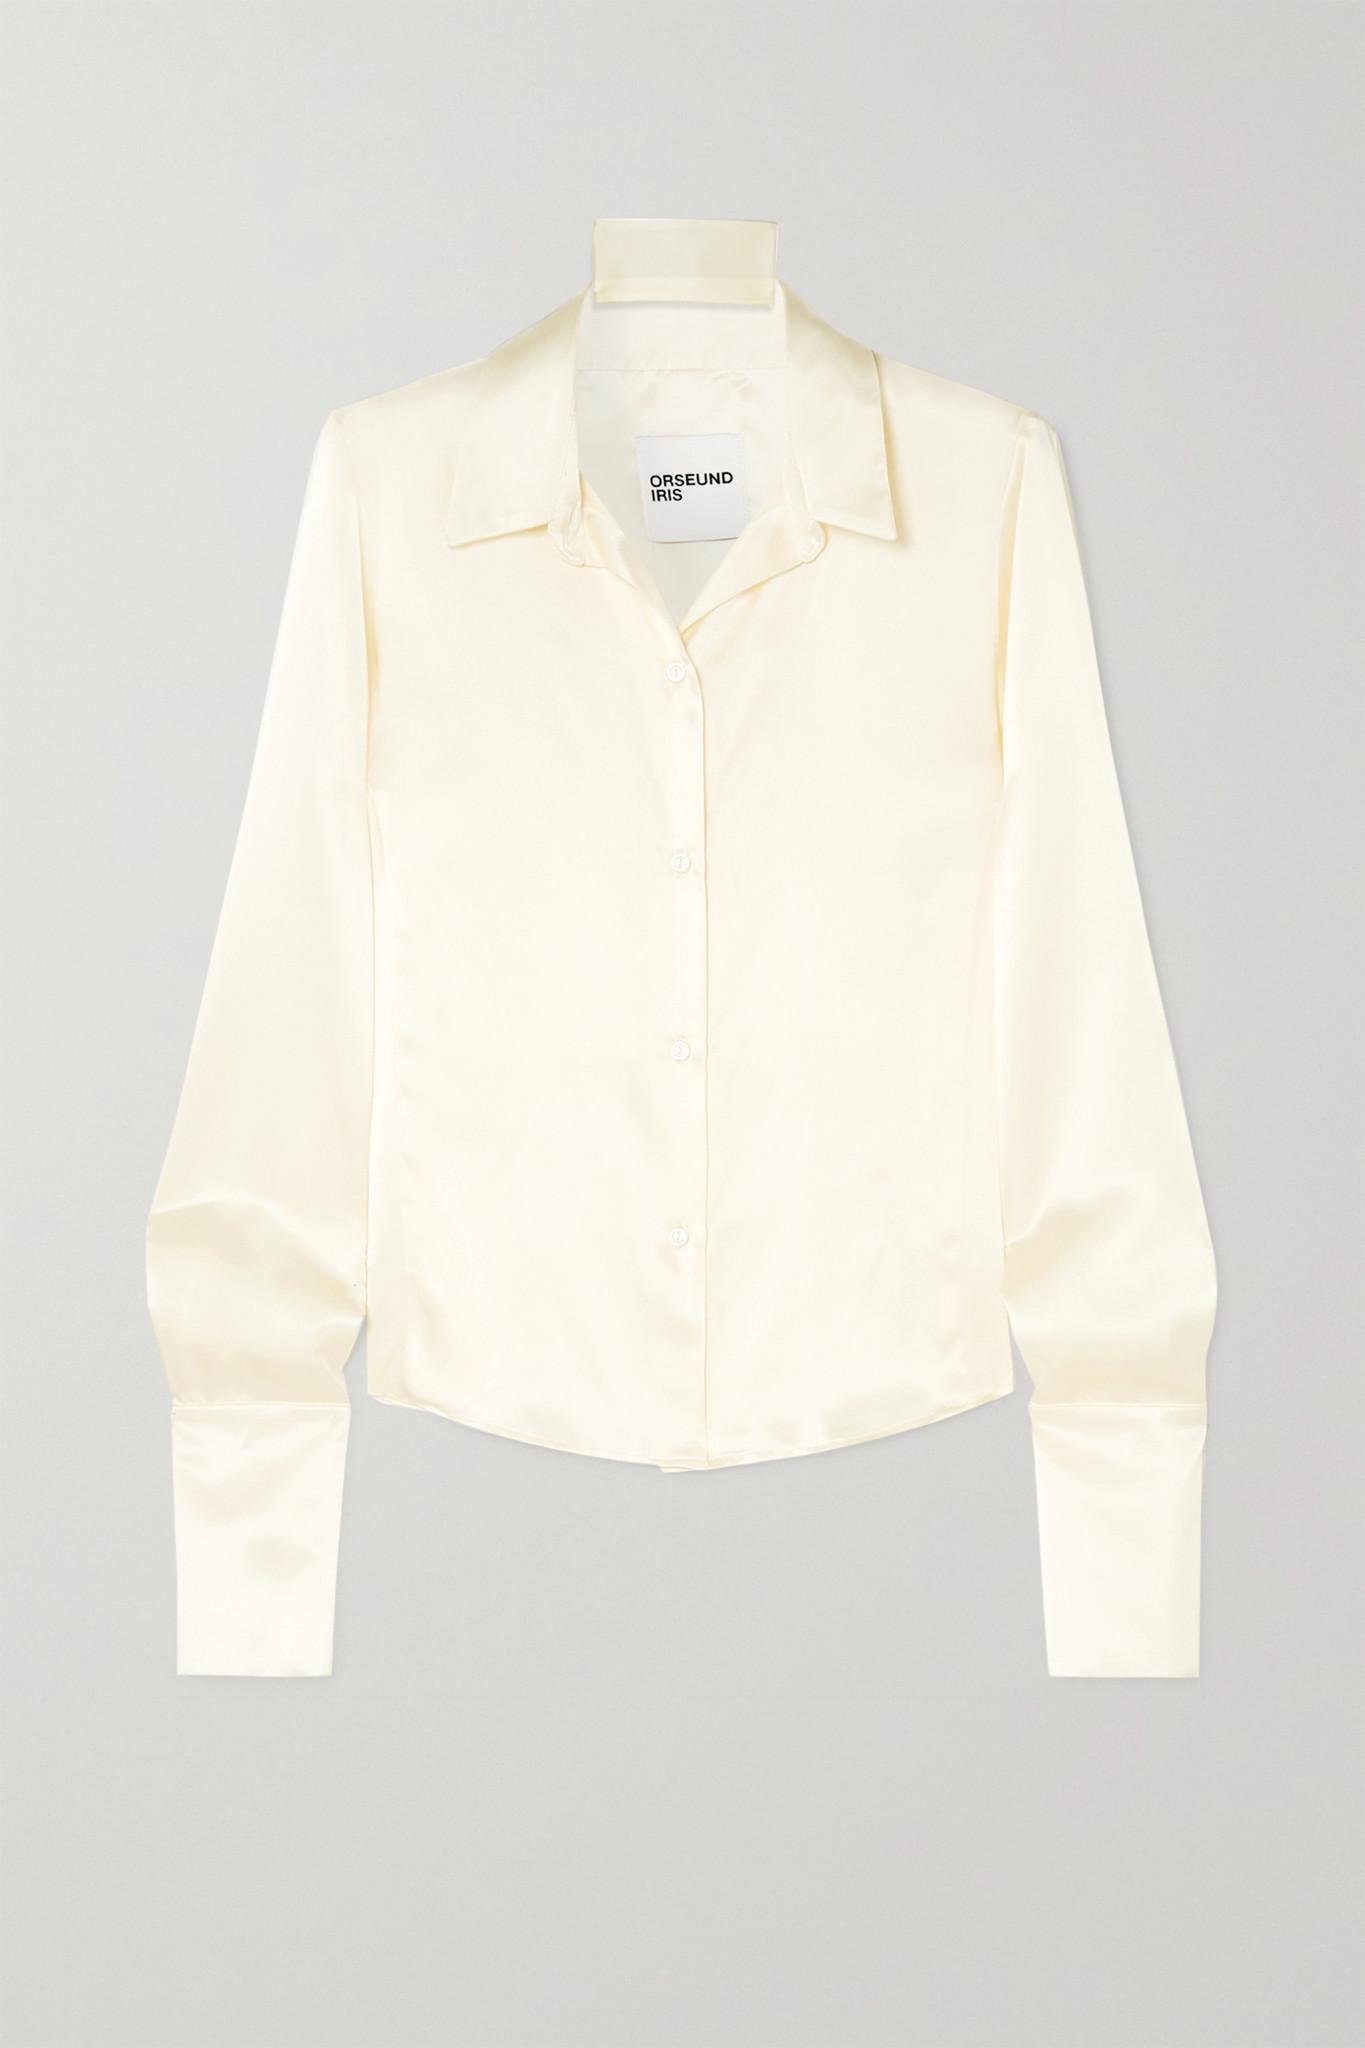 ORSEUND IRIS - Silk-satin Shirt - Cream - large